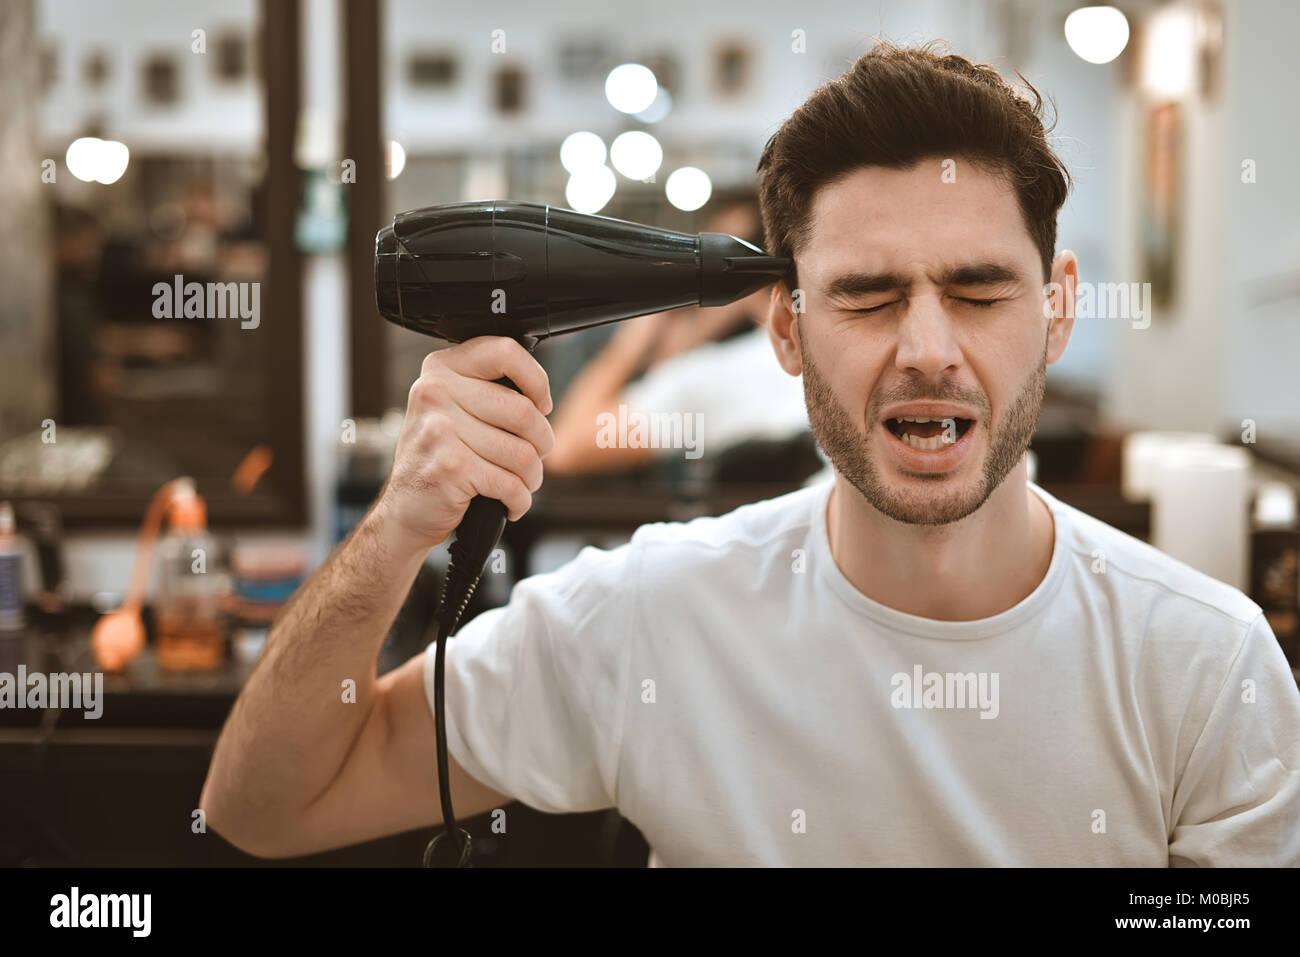 Junge verrückt stilvollen Mann mit Fön und lustige Ausdrücke im barbershop. Stockbild